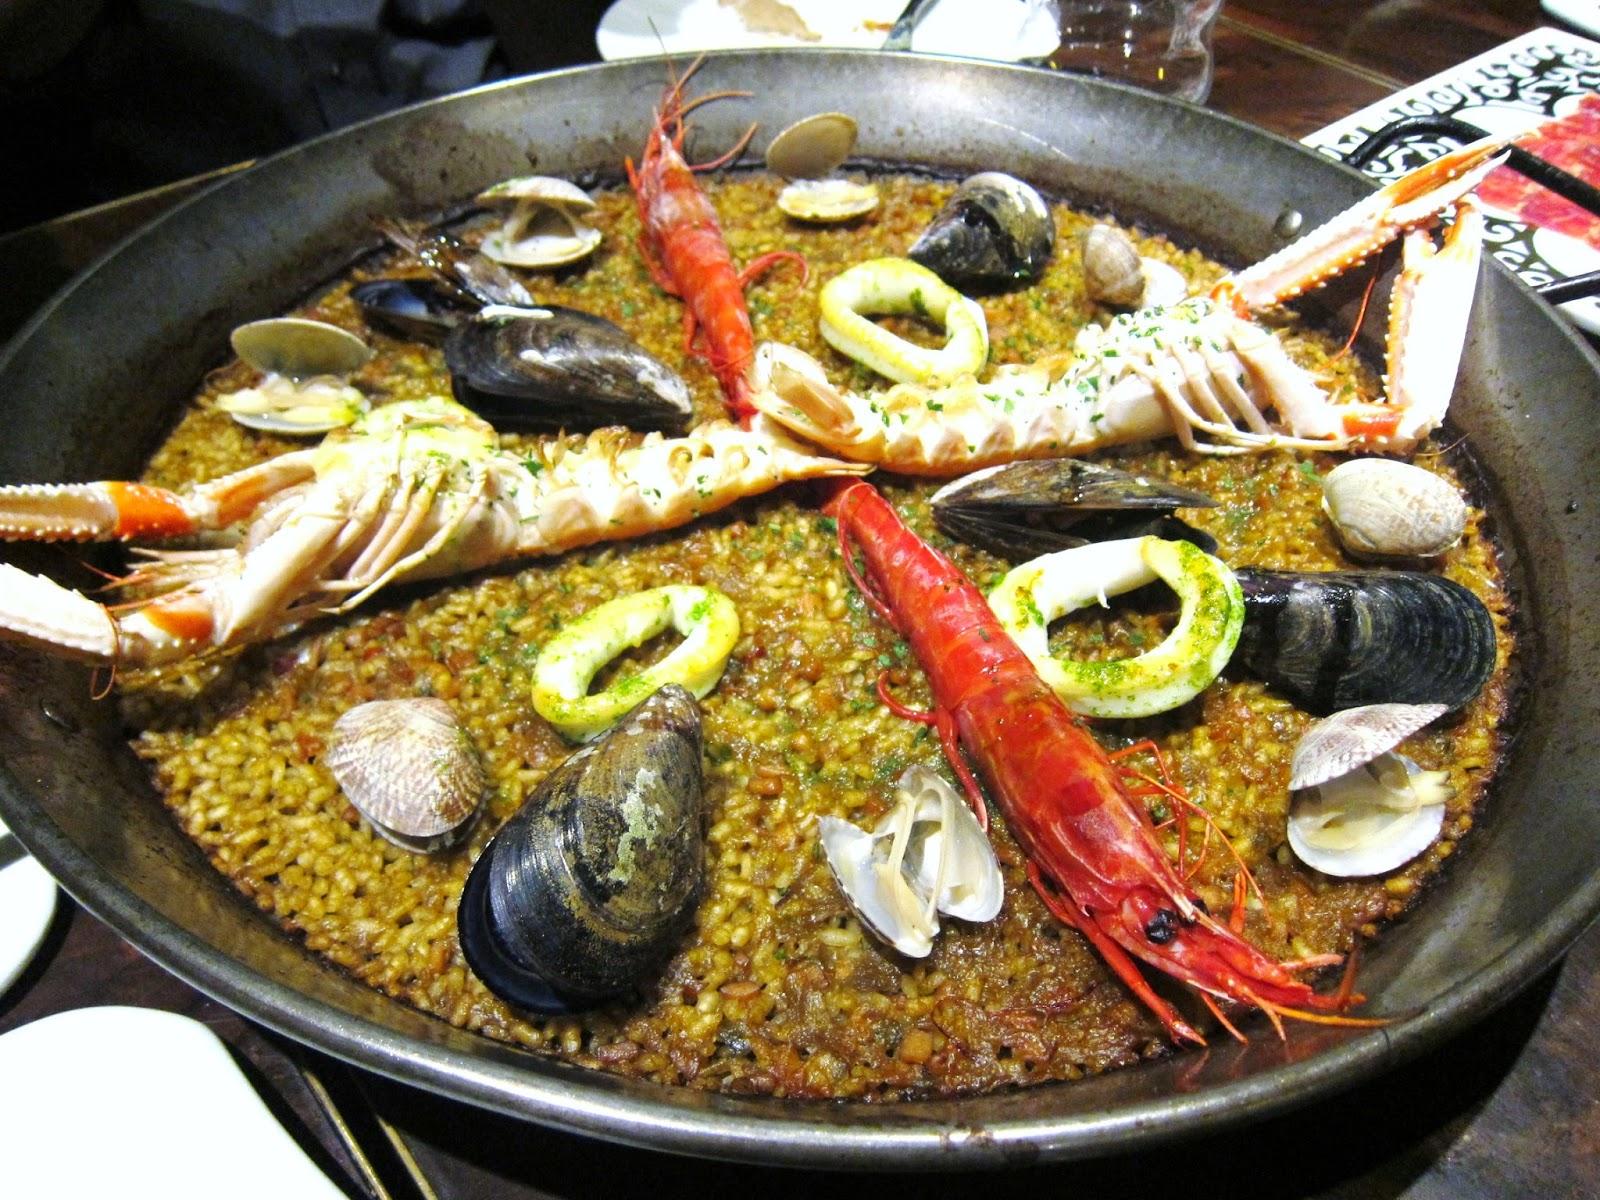 Catalunya Hong Kong - Paella Saturdays Brunch